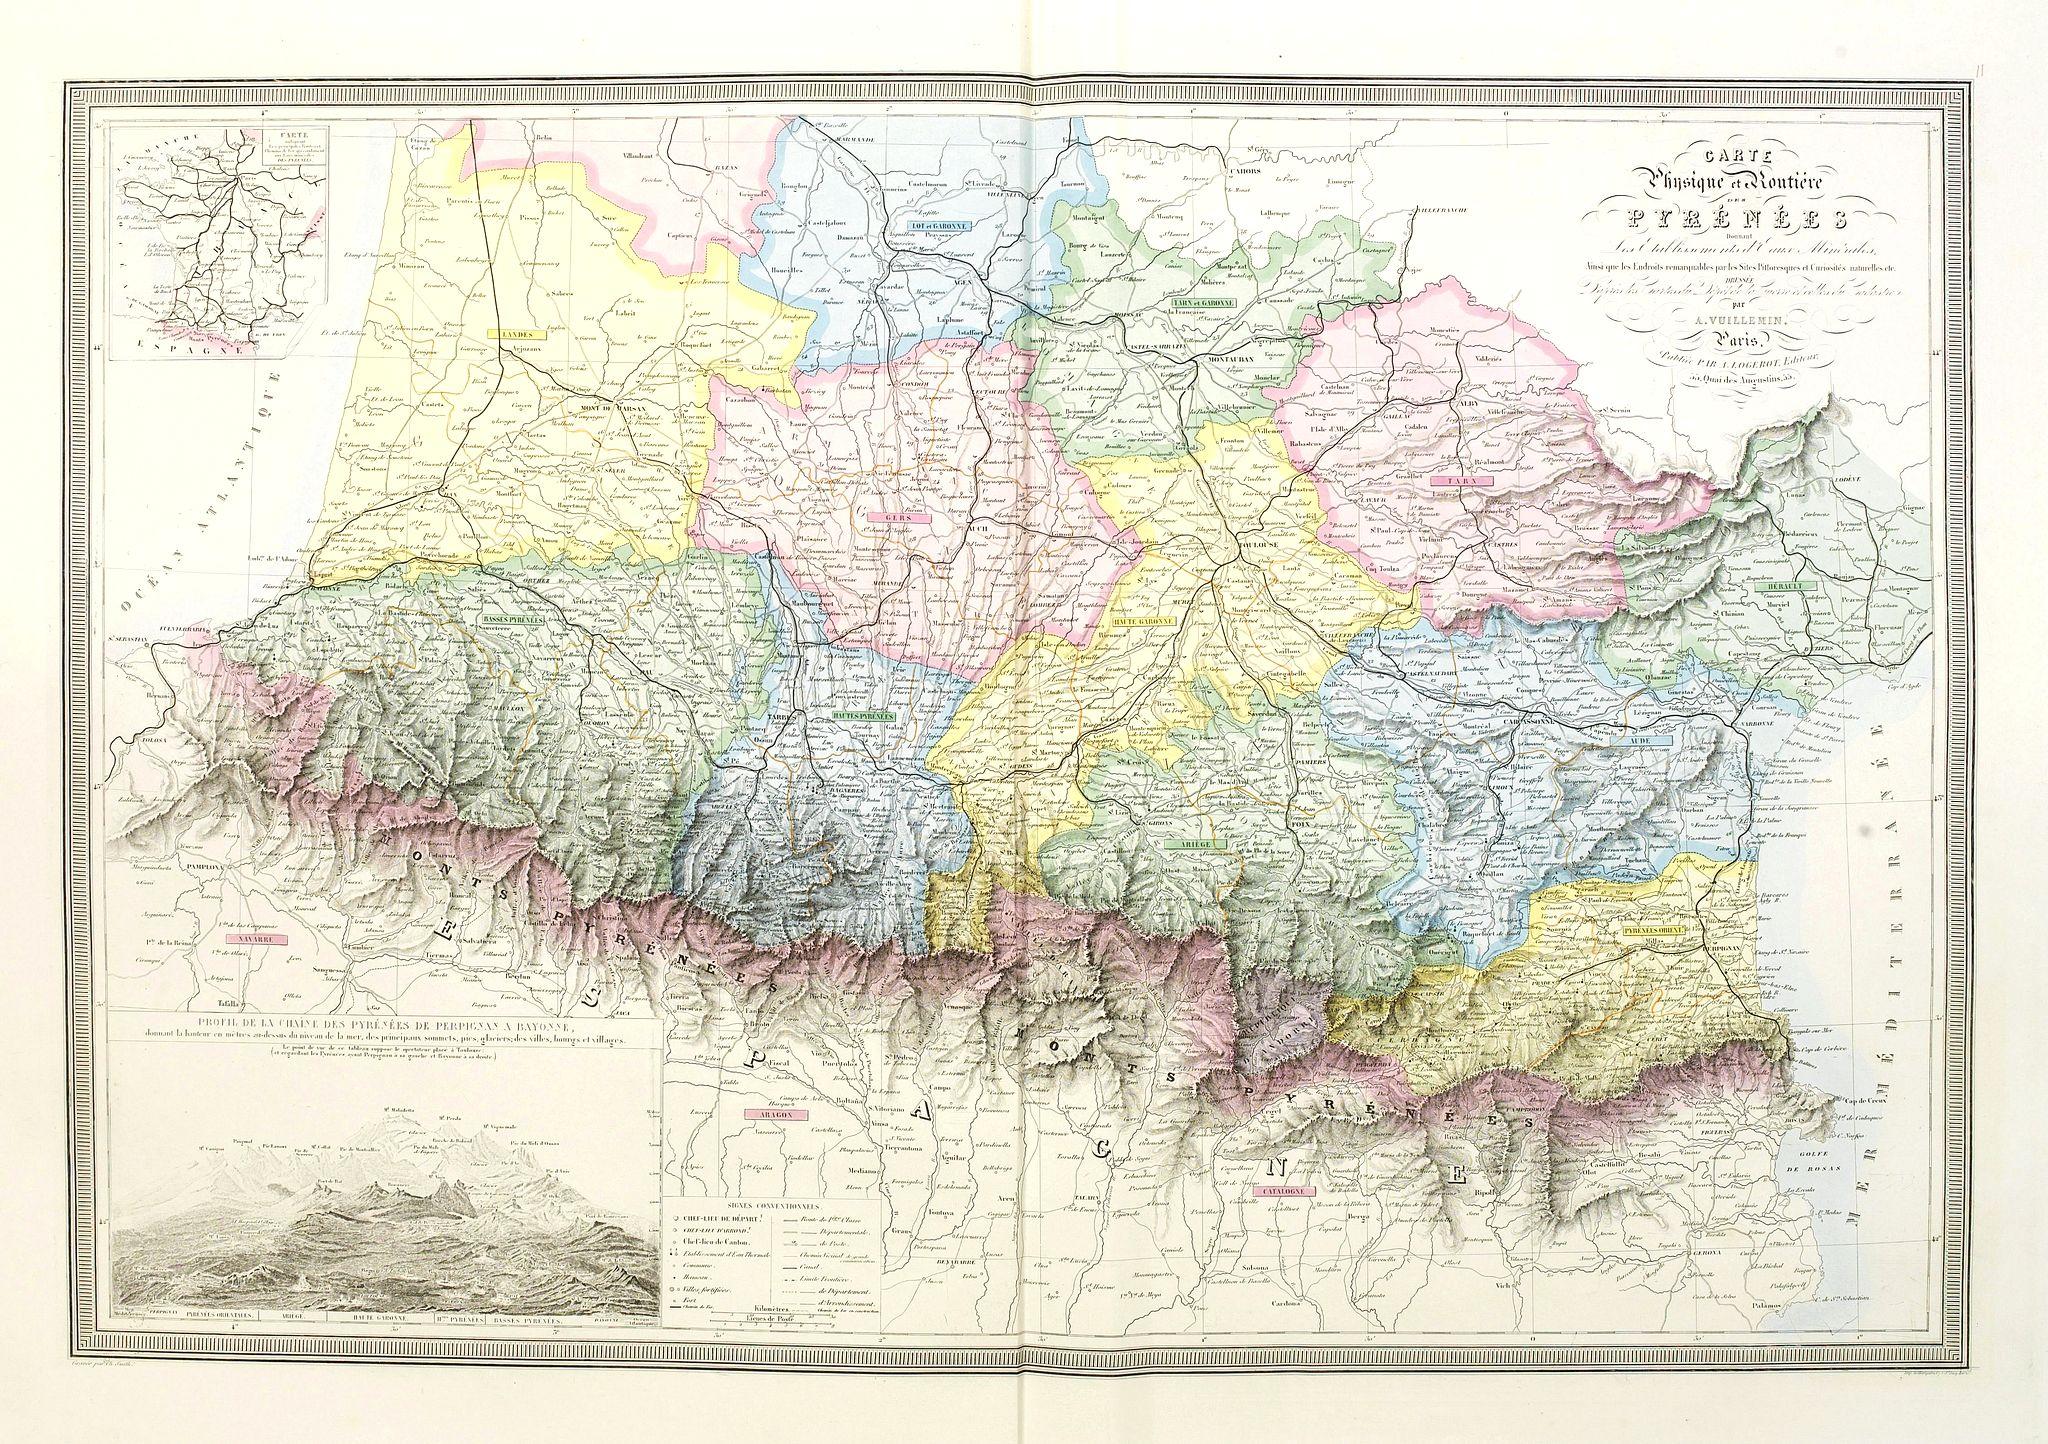 LOGEROT, A. -  Carte Physique et Routière des Pyrénées donnant les établissements d'Eaux Minérales ainsi que les Endroits remarquables par les Sites pittoresques et Curiosités naturelles, etc.